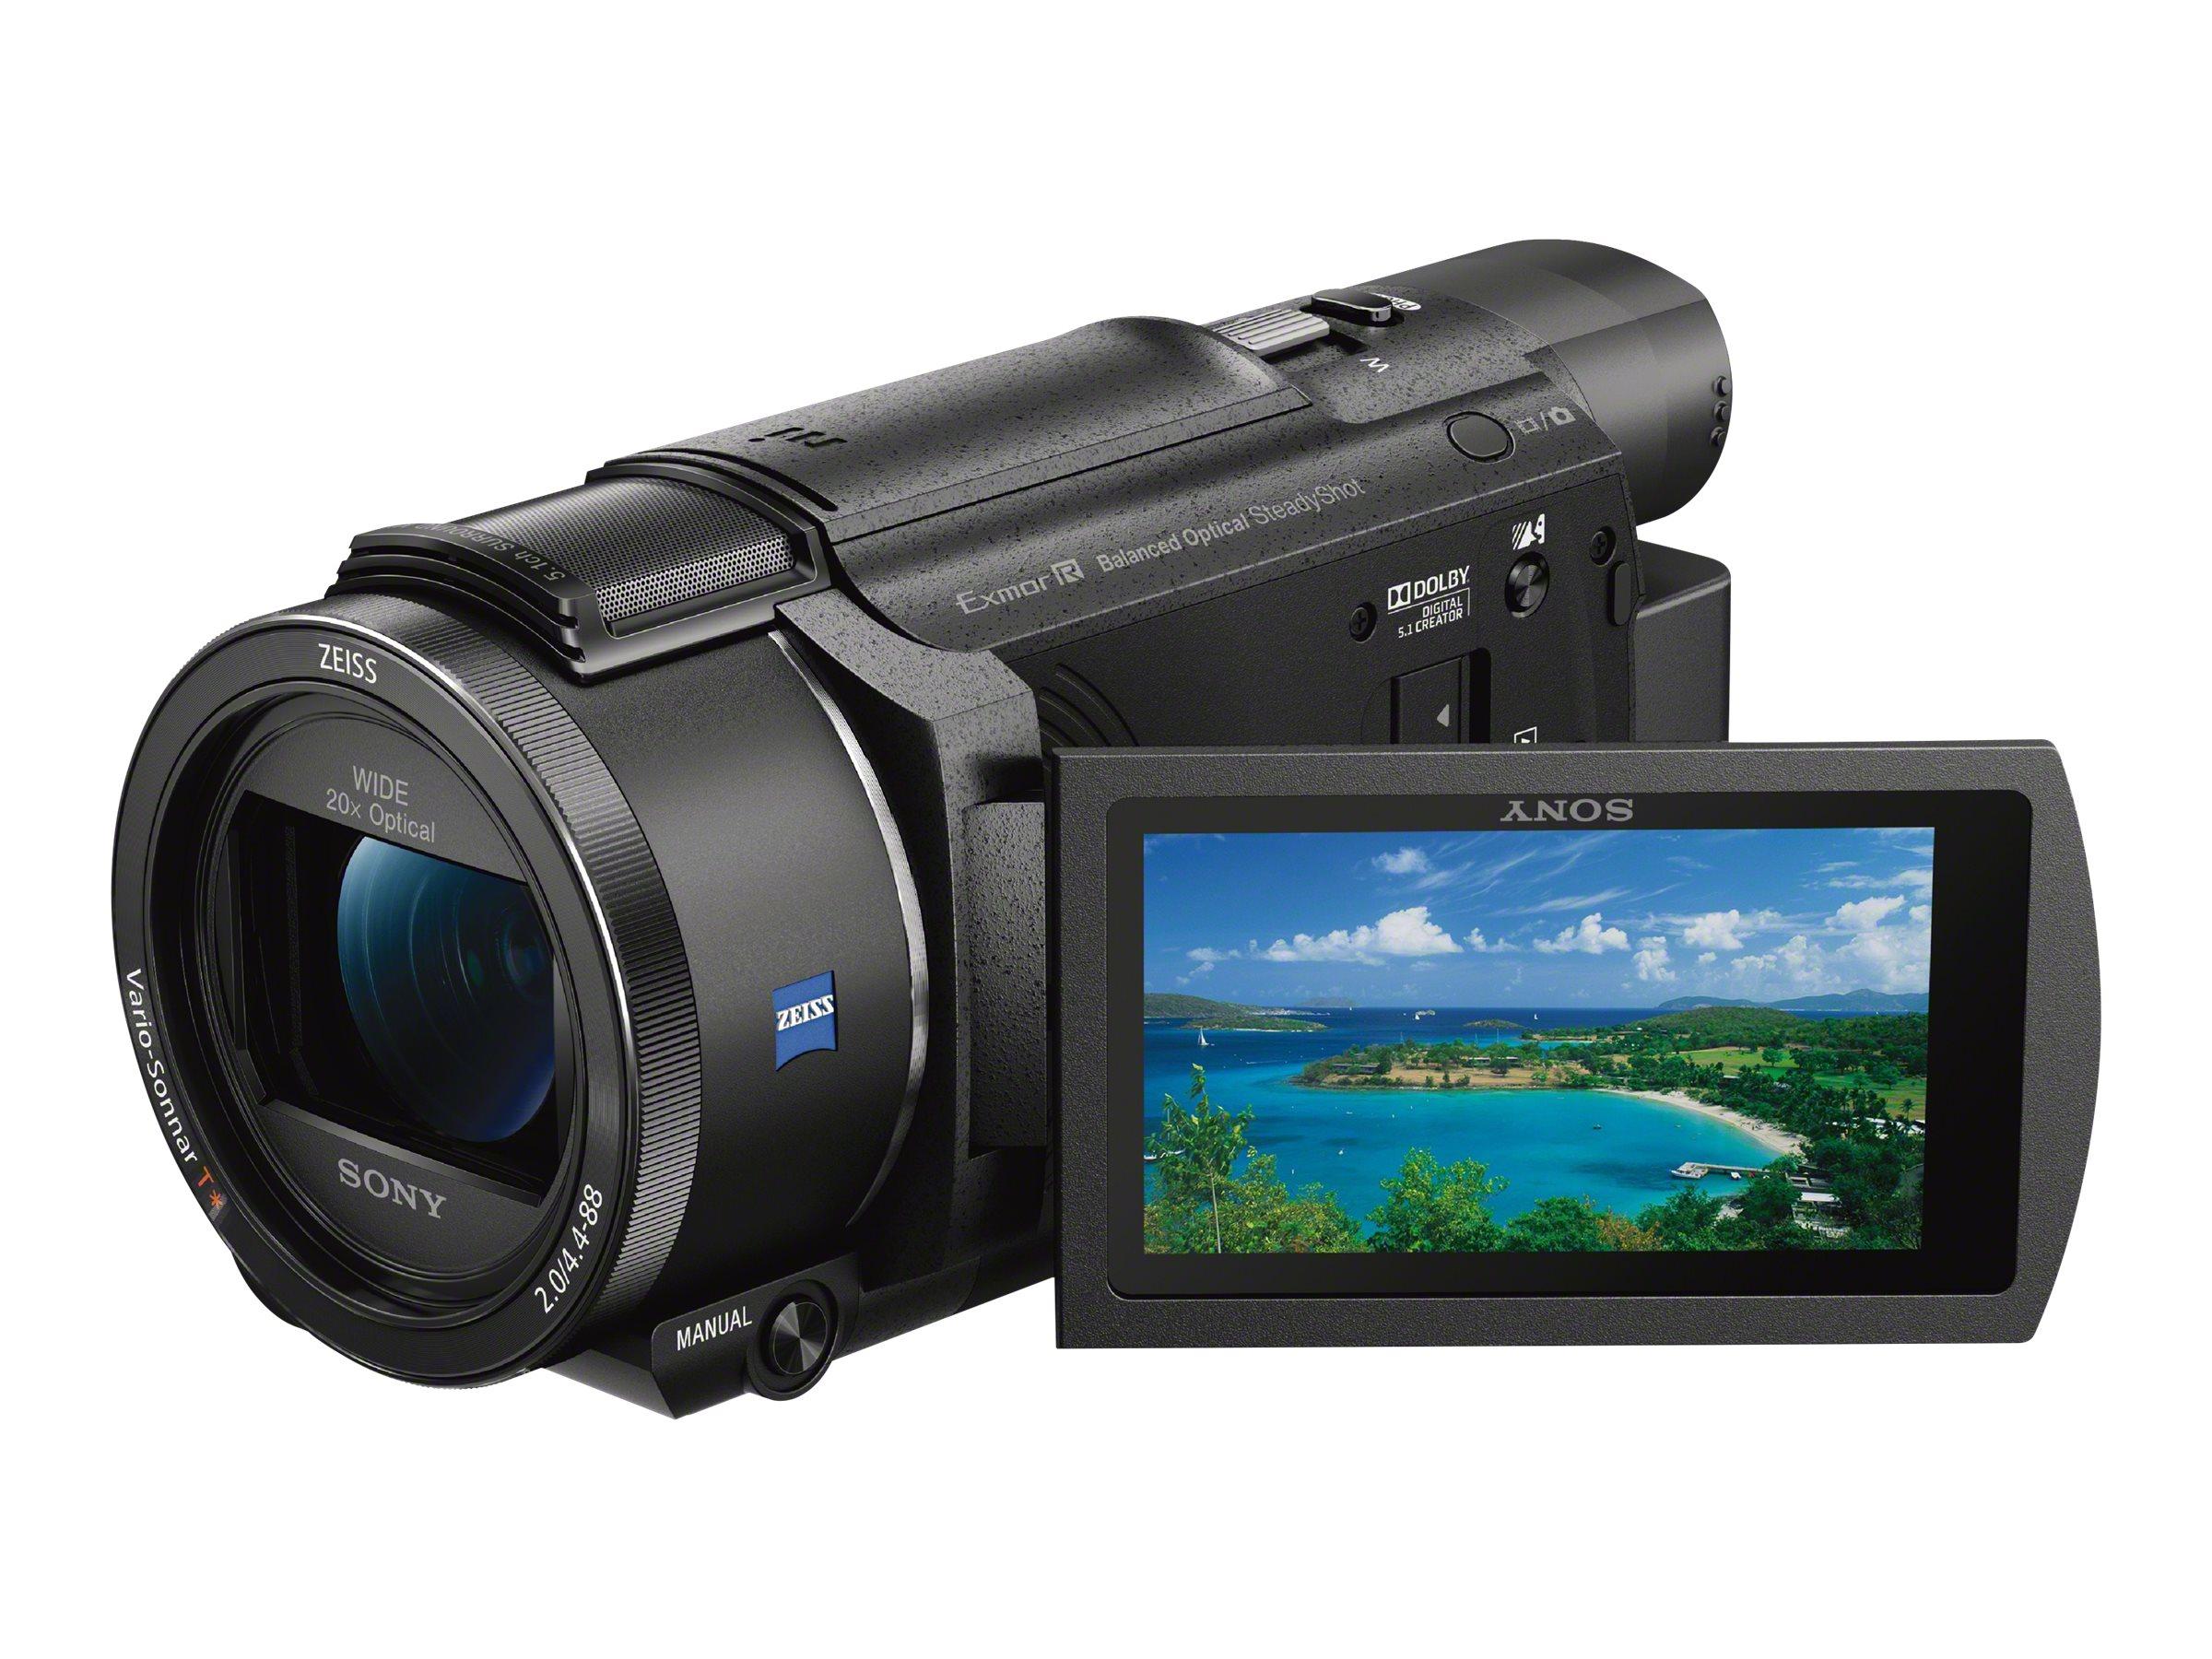 Sony Handycam FDR-AX53 - Camcorder - 4K / 30 BpS - 16.6 Mpix - 20x optischer Zoom - Carl Zeiss